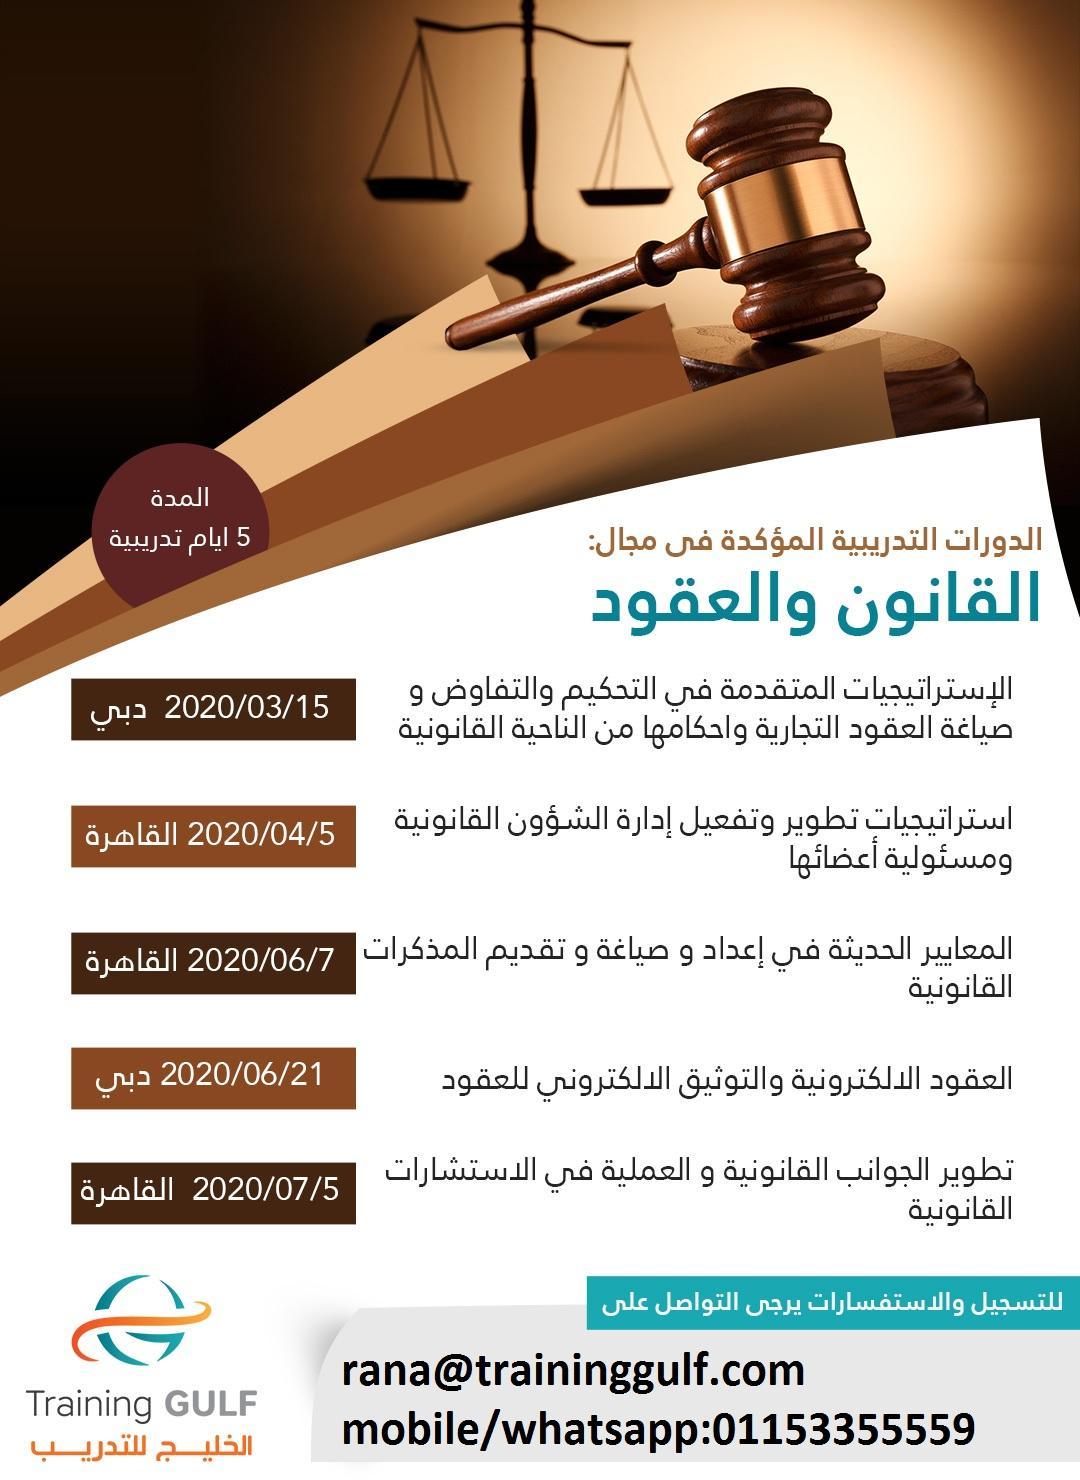 الدورات المؤكده مجال القانون العقود2020